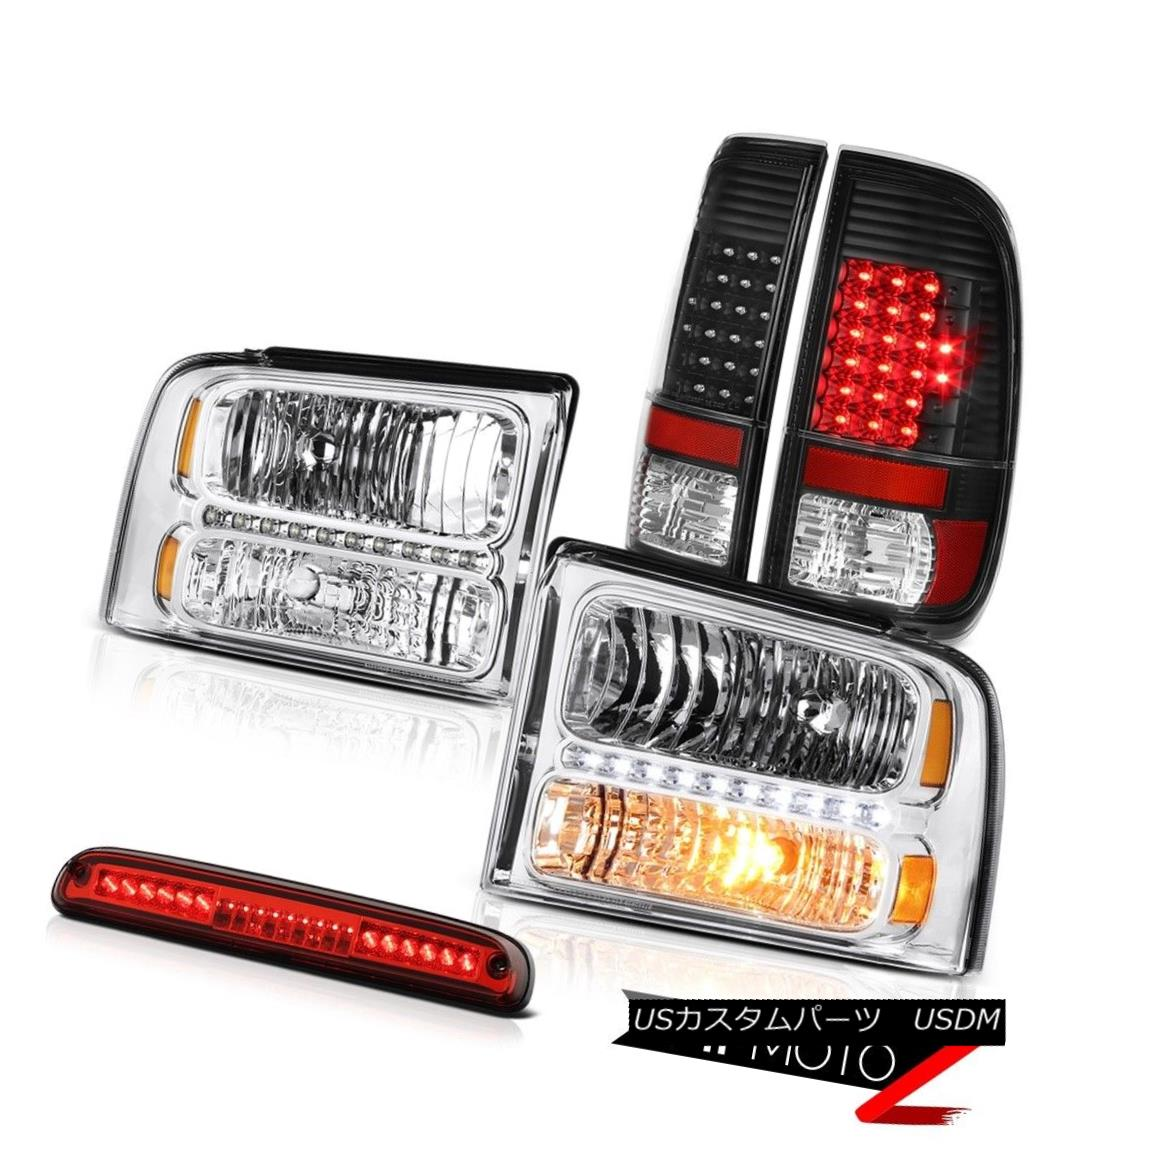 テールライト 2005 2006 2007 F250 Outlaw Chrome Headlights LED Black Taillights 3rd Brake Red 2005 2006 2007 F250アウトロークロームヘッドライトLEDブラックテールライト第3ブレーキレッド